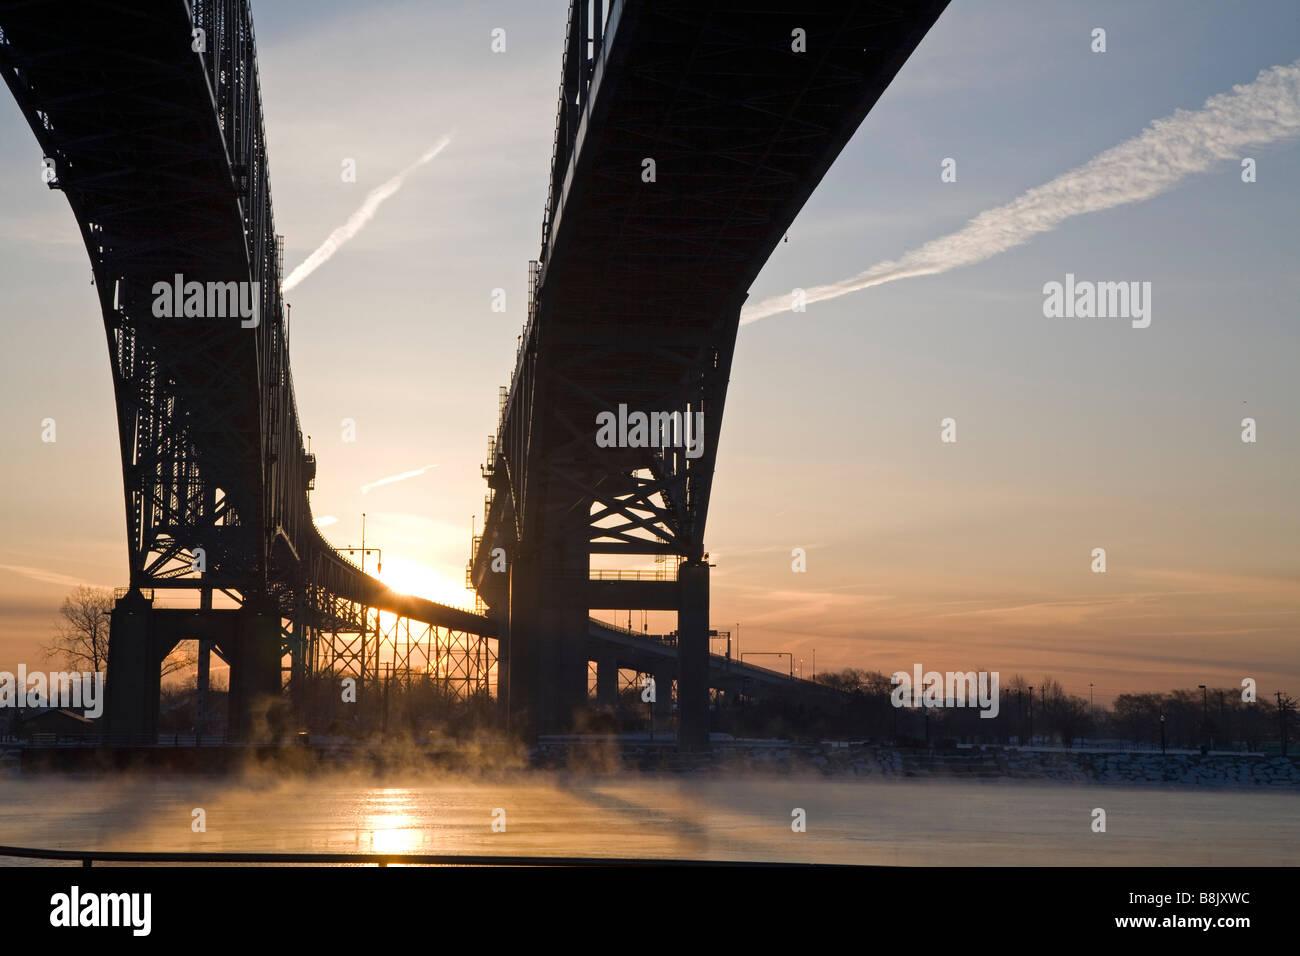 Port Huron Michigan las azules aguas de puente que cruza el Río St Clair entre los Estados Unidos y Canadá Imagen De Stock